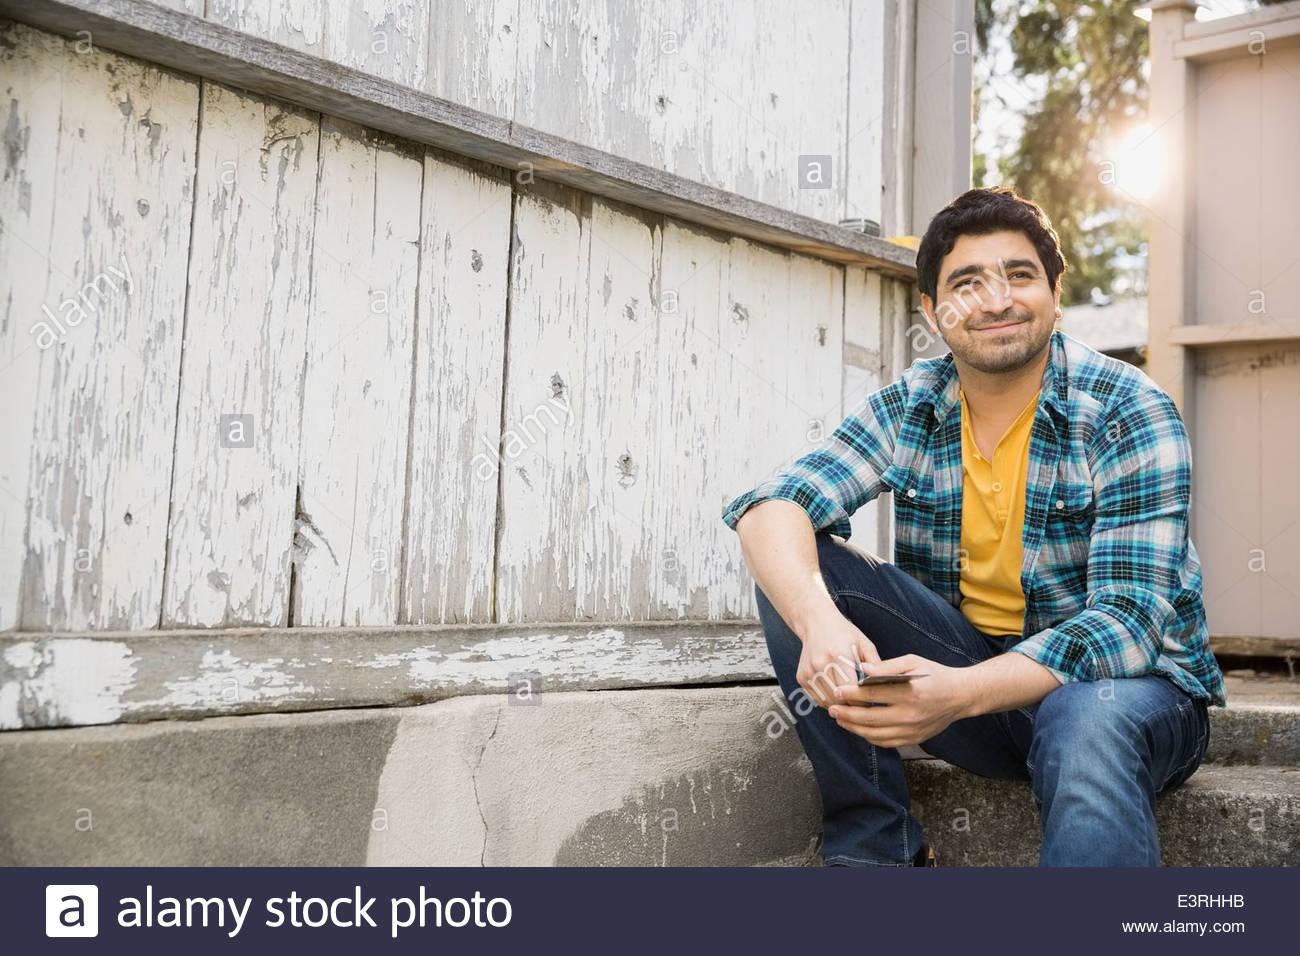 Lächelnder Mann sitzen durch Zaun mit abgeplatzte Farbe Stockbild